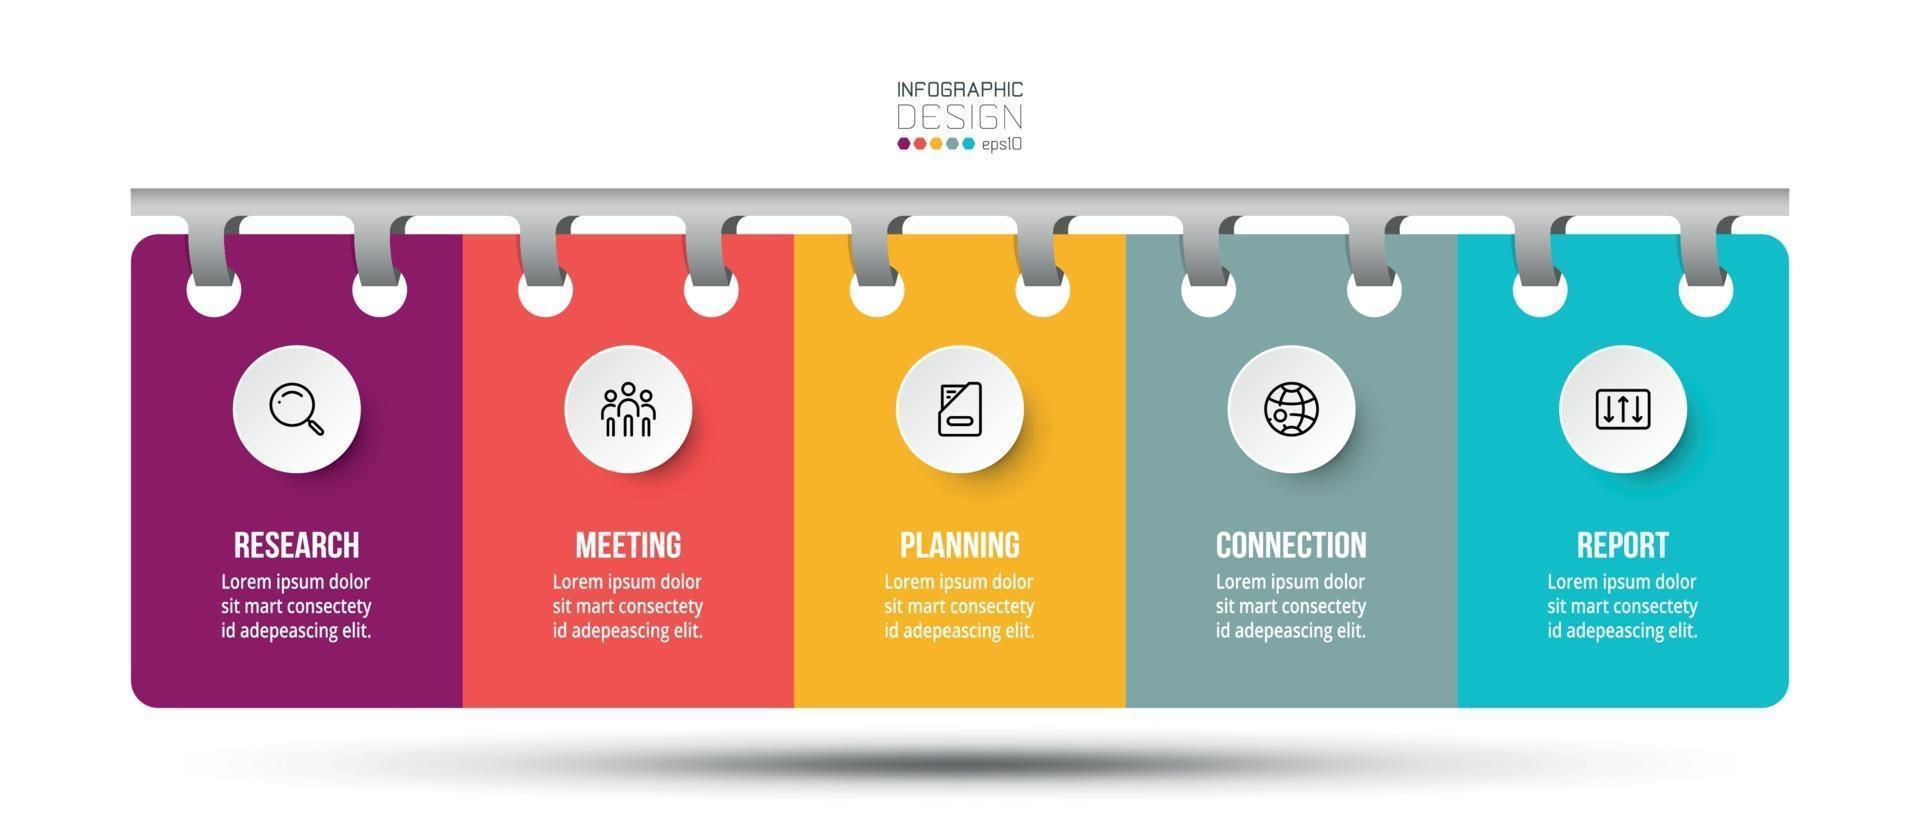 presentera och rapportera studieresultat eller dataanalys. kan tillämpas på företag, medicin, utbildning, företag. vektor